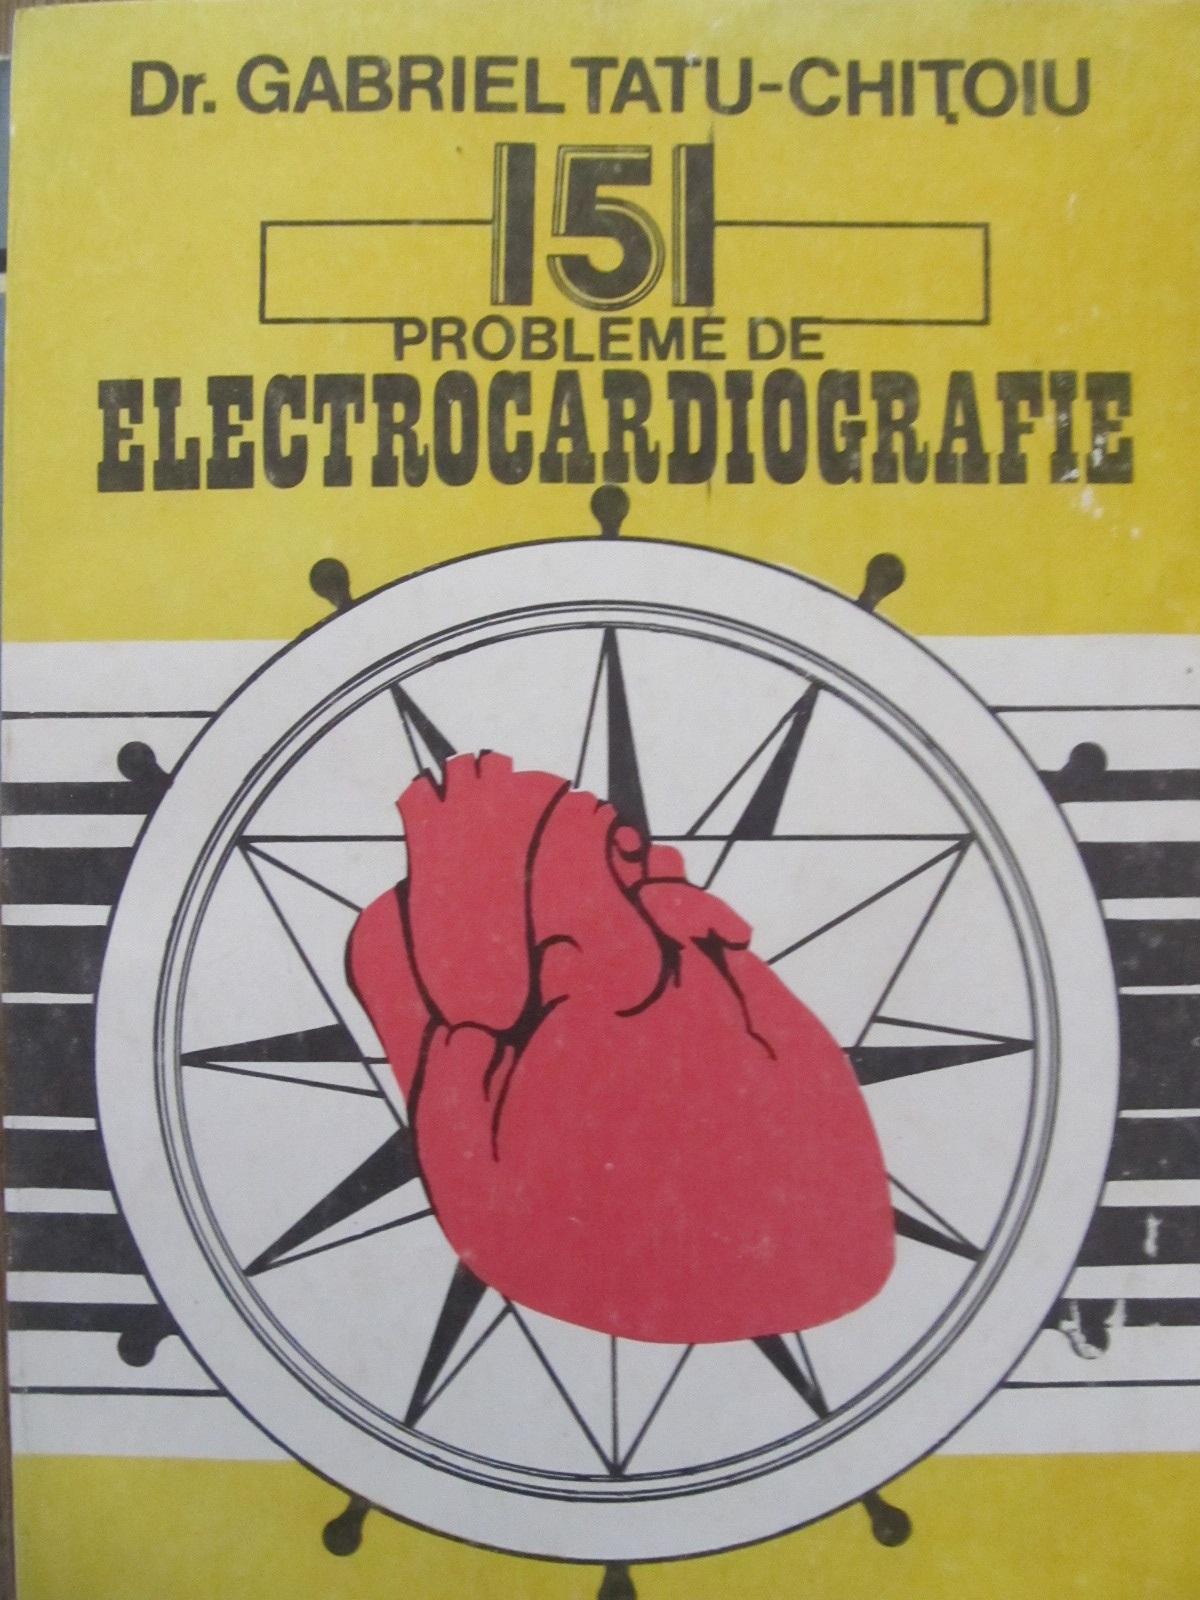 151 probleme de electrocardiografie - Gabriel Tatu Chitoiu | Detalii carte